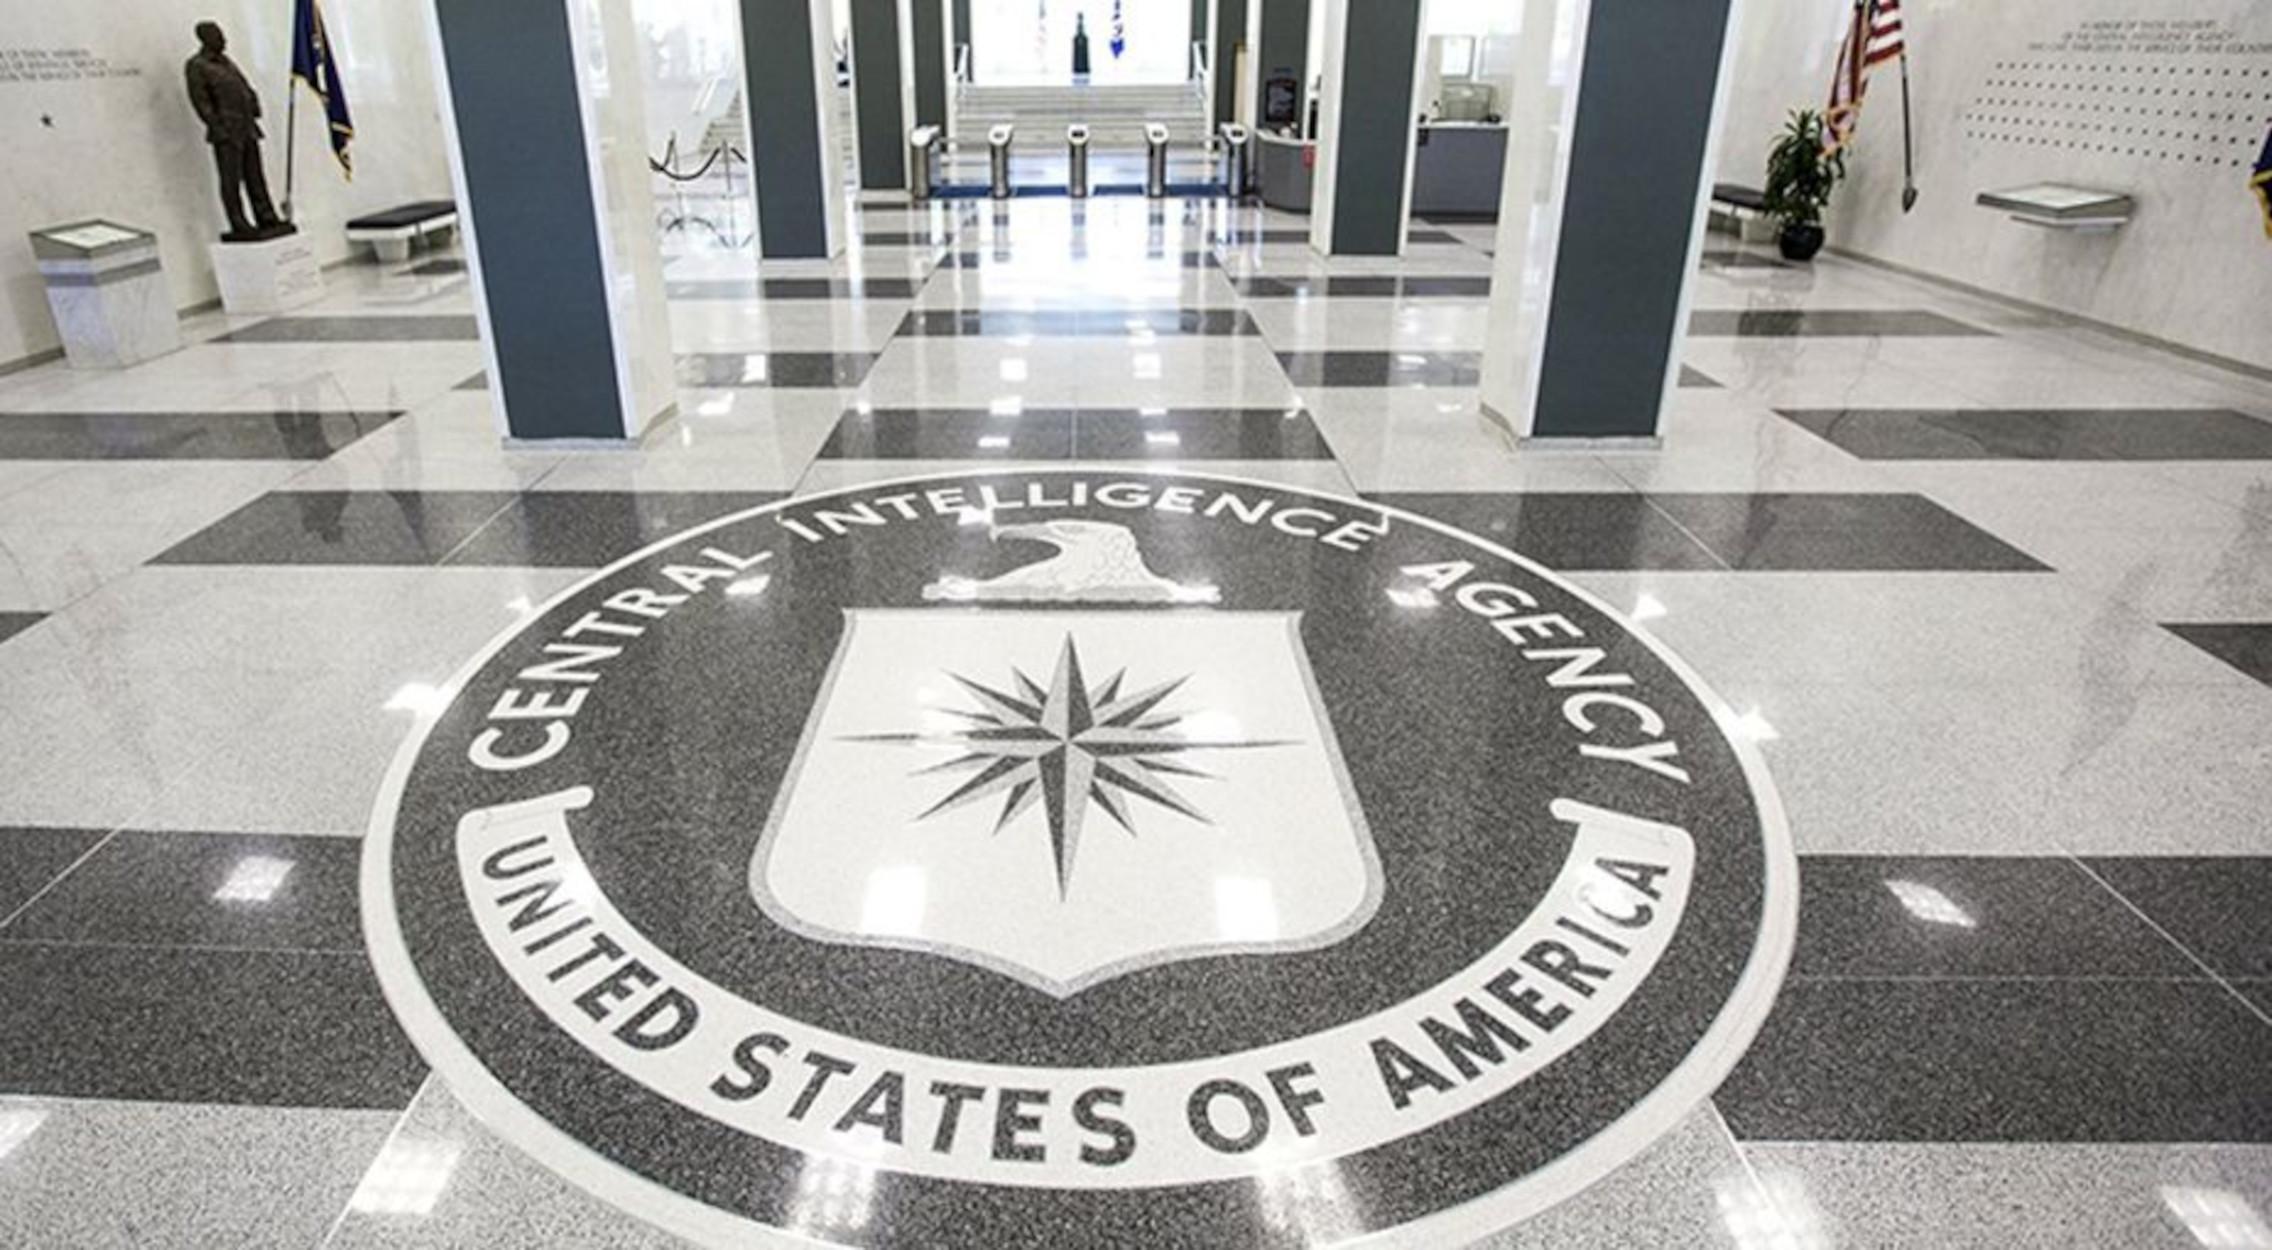 Σύνδρομο της Αβάνας: Η CIA καθαίρεσε τον σταθμάρχη στη Βιέννη λόγω «αδιαφορίας»